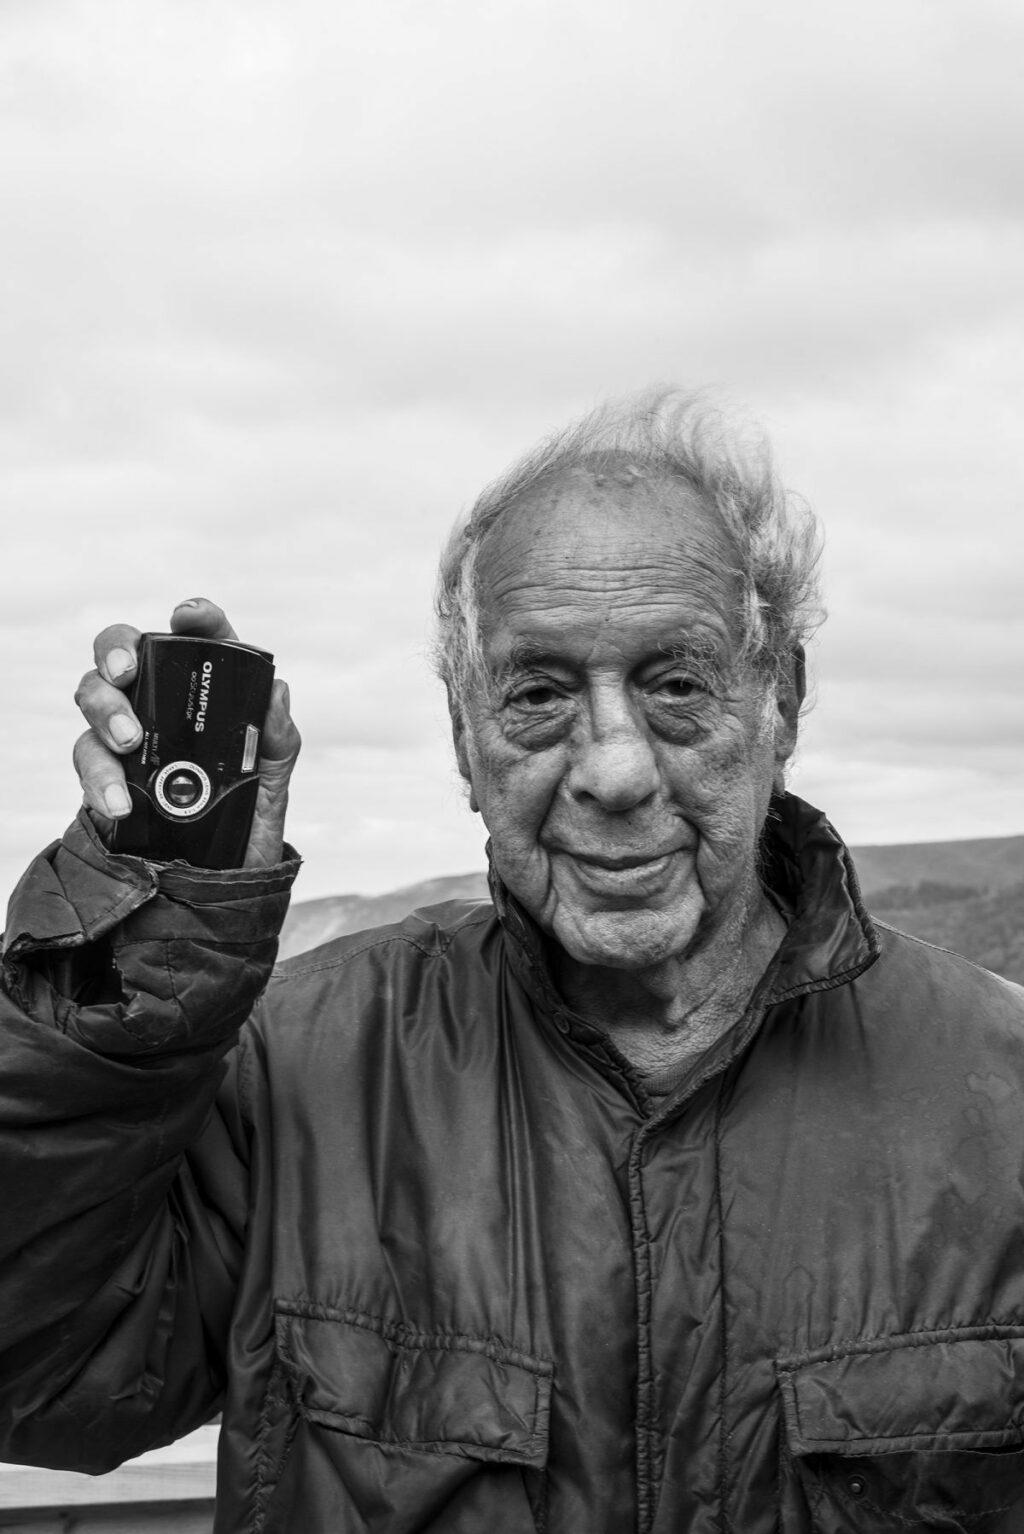 Αφιέρωμα στο φωτογράφο Robert Frank